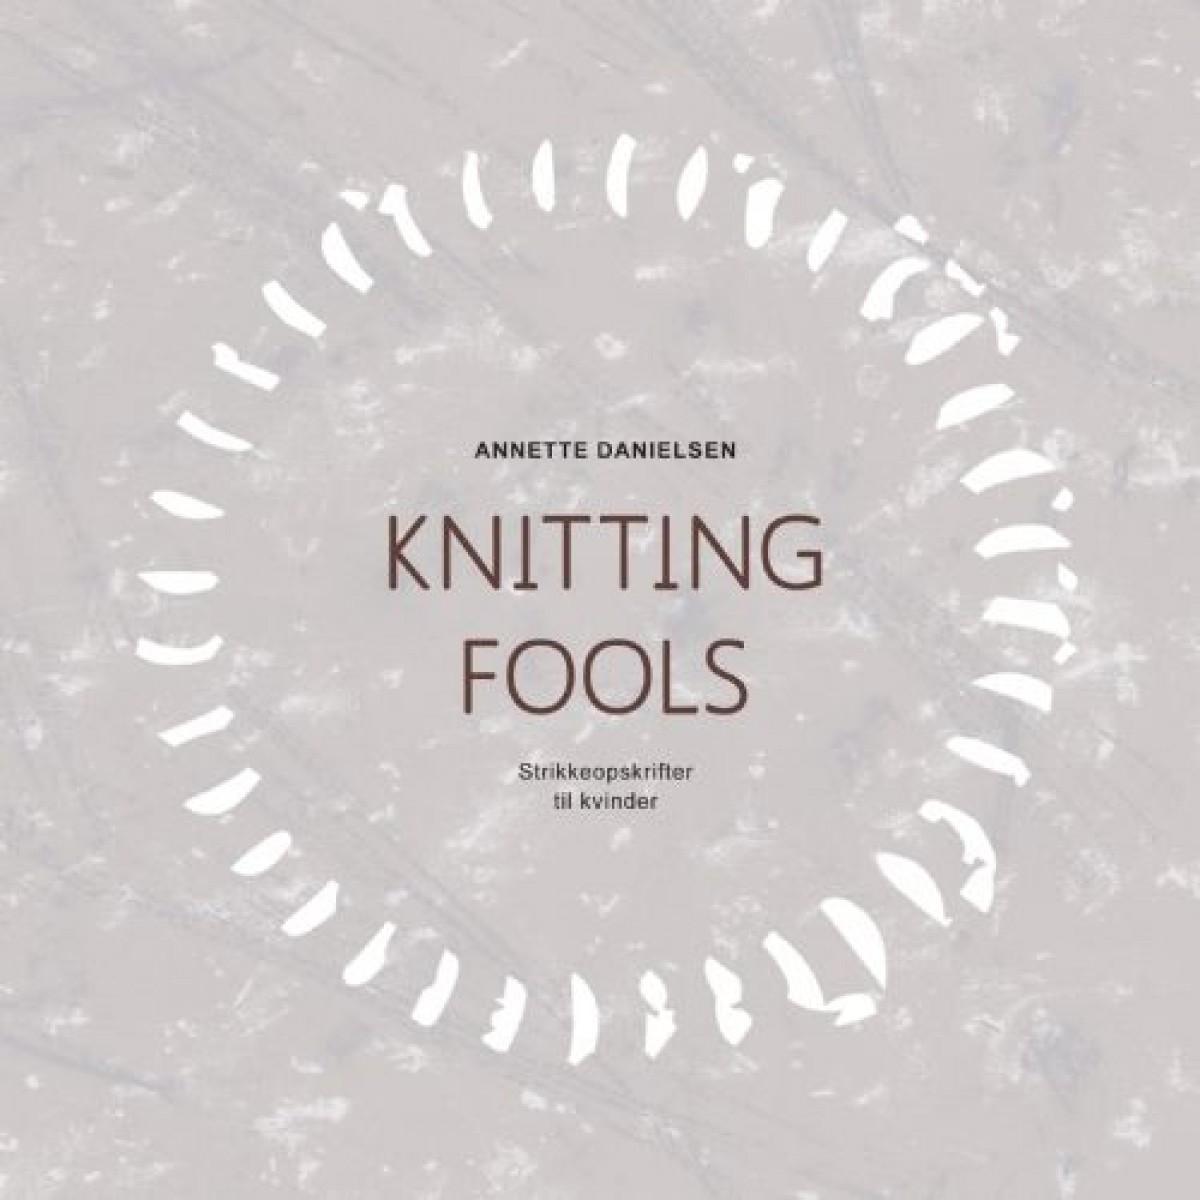 KnittingFools-31